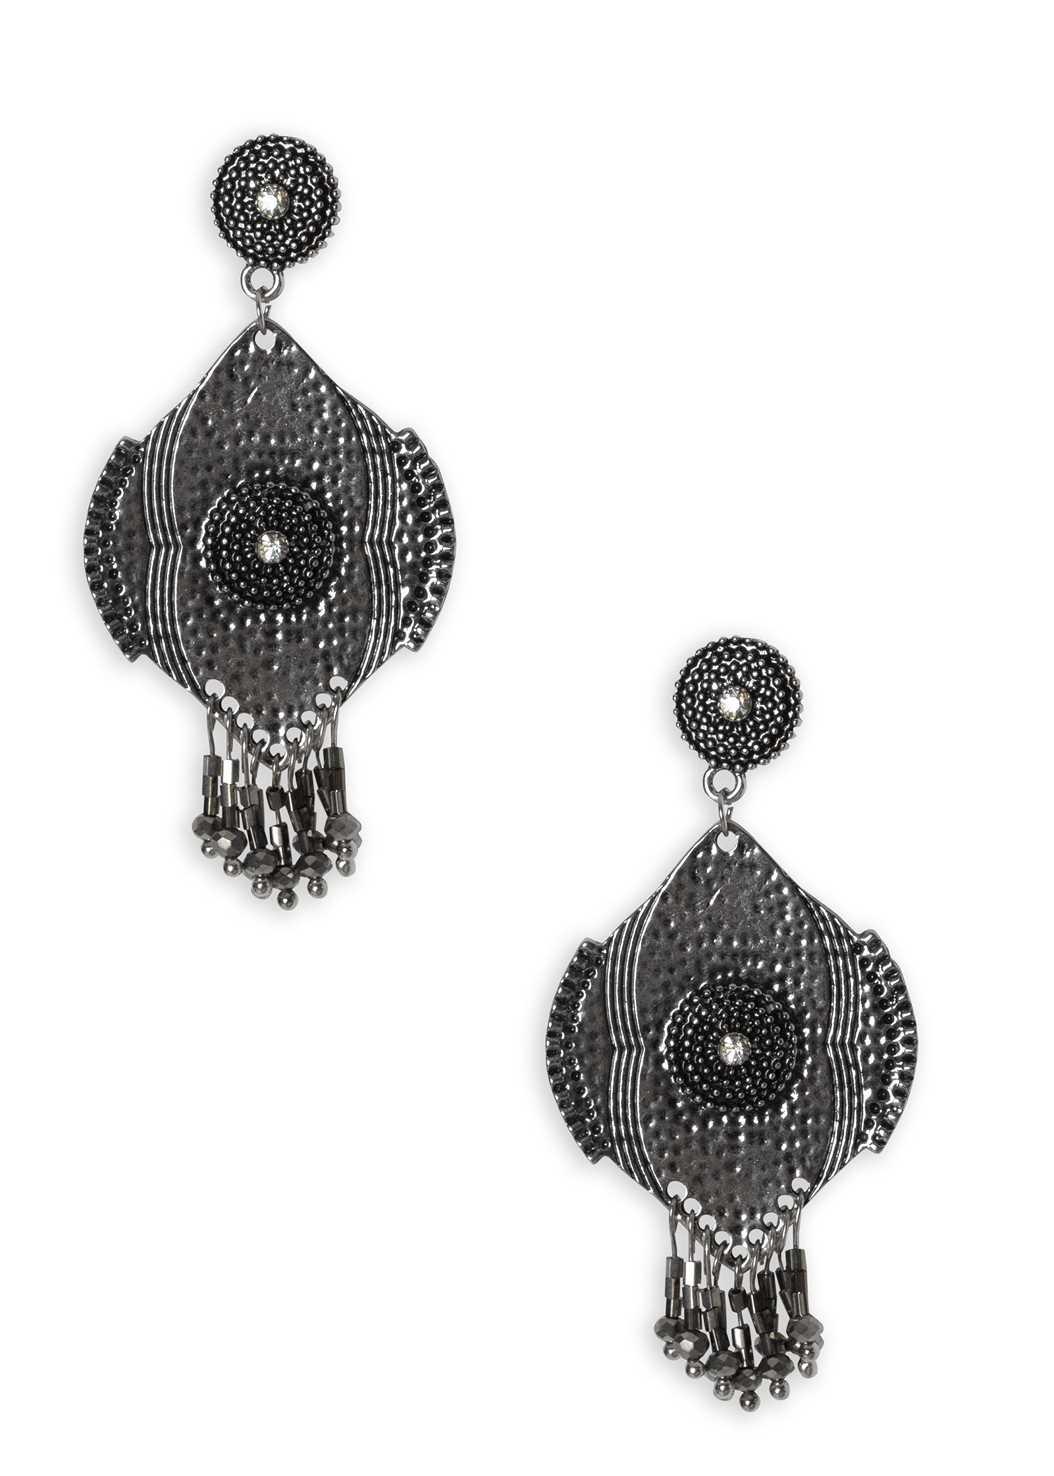 Beaded Fringe Medallion Earrings,Printed Halter Tie Dress,Essential Espadrille Wedges